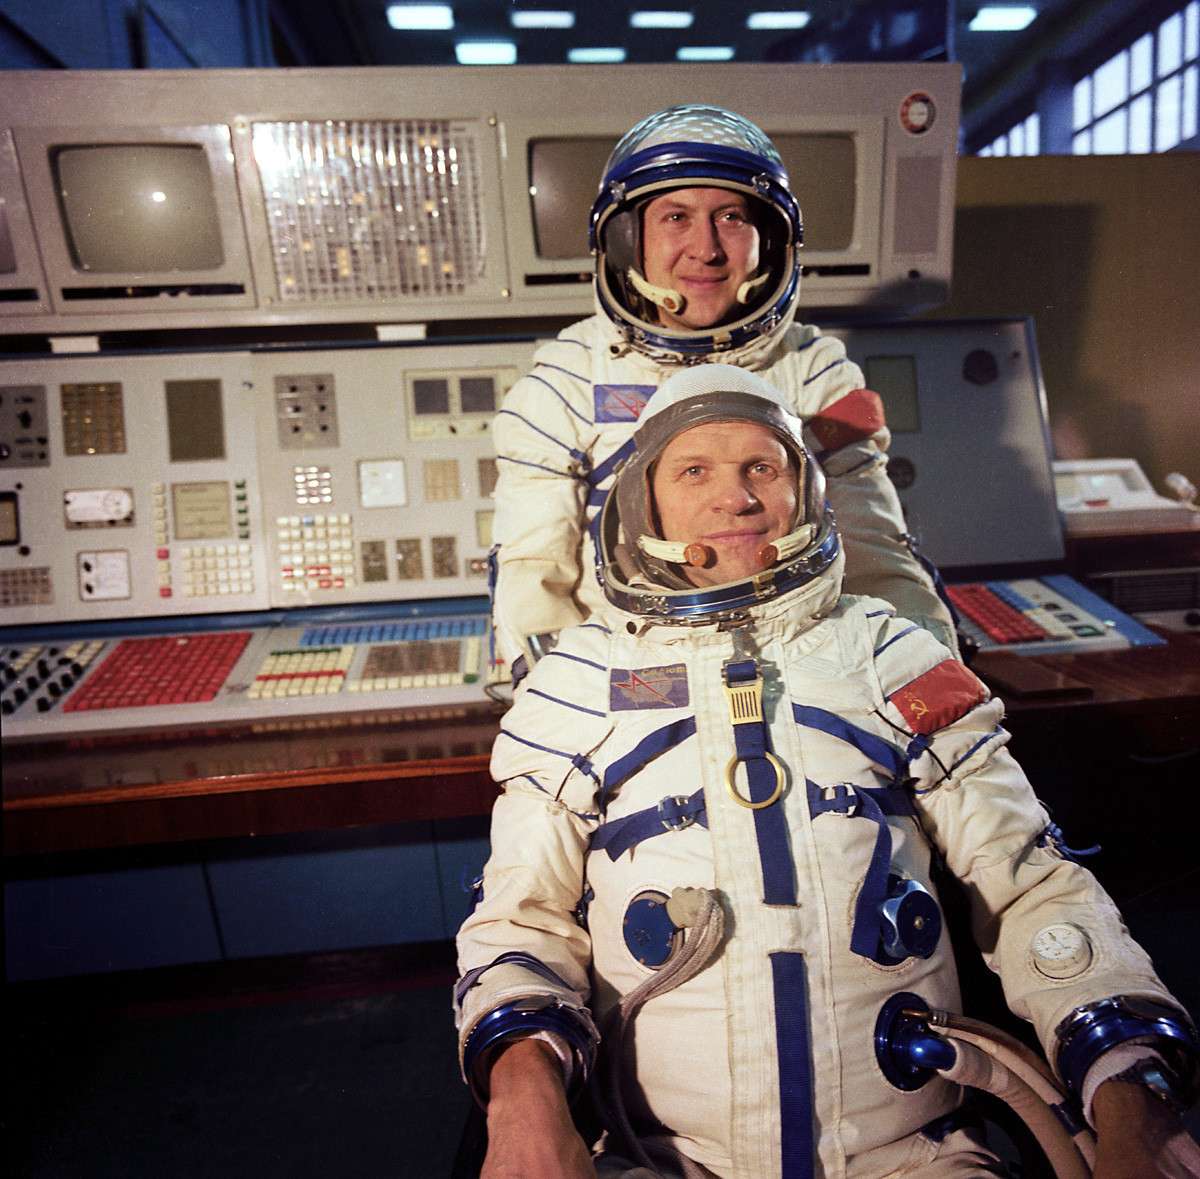 Tripulantes da missão espacial internacional Soyuz 28: Vladimír Remek (Tchecoslováquia) e cosmonauta soviético Aleksêi Gubarev